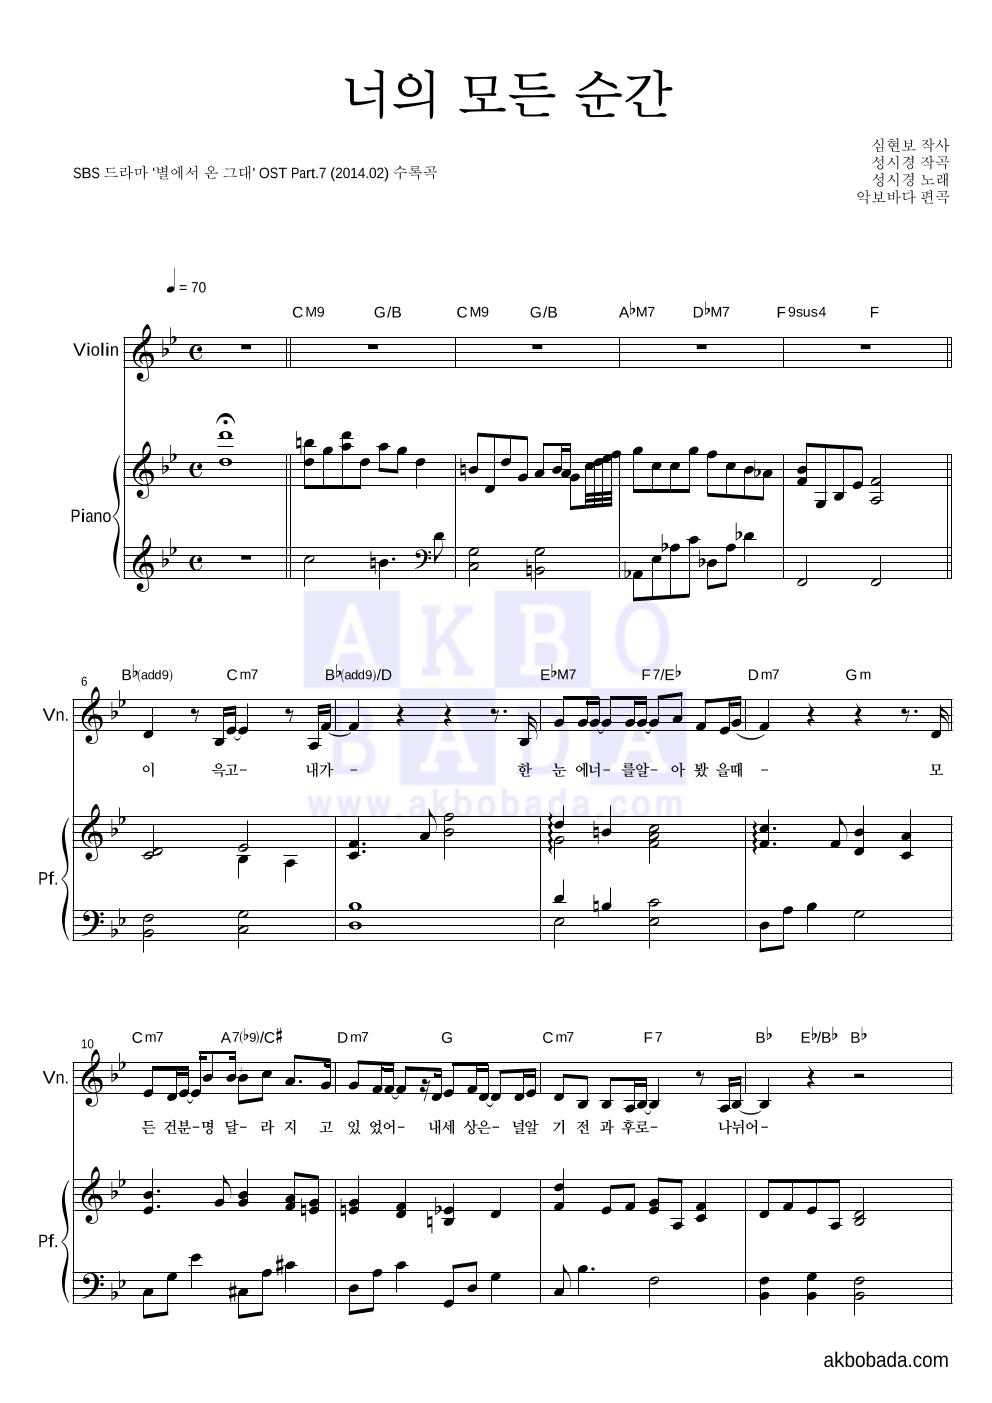 성시경 - 너의 모든 순간 바이올린&피아노 악보